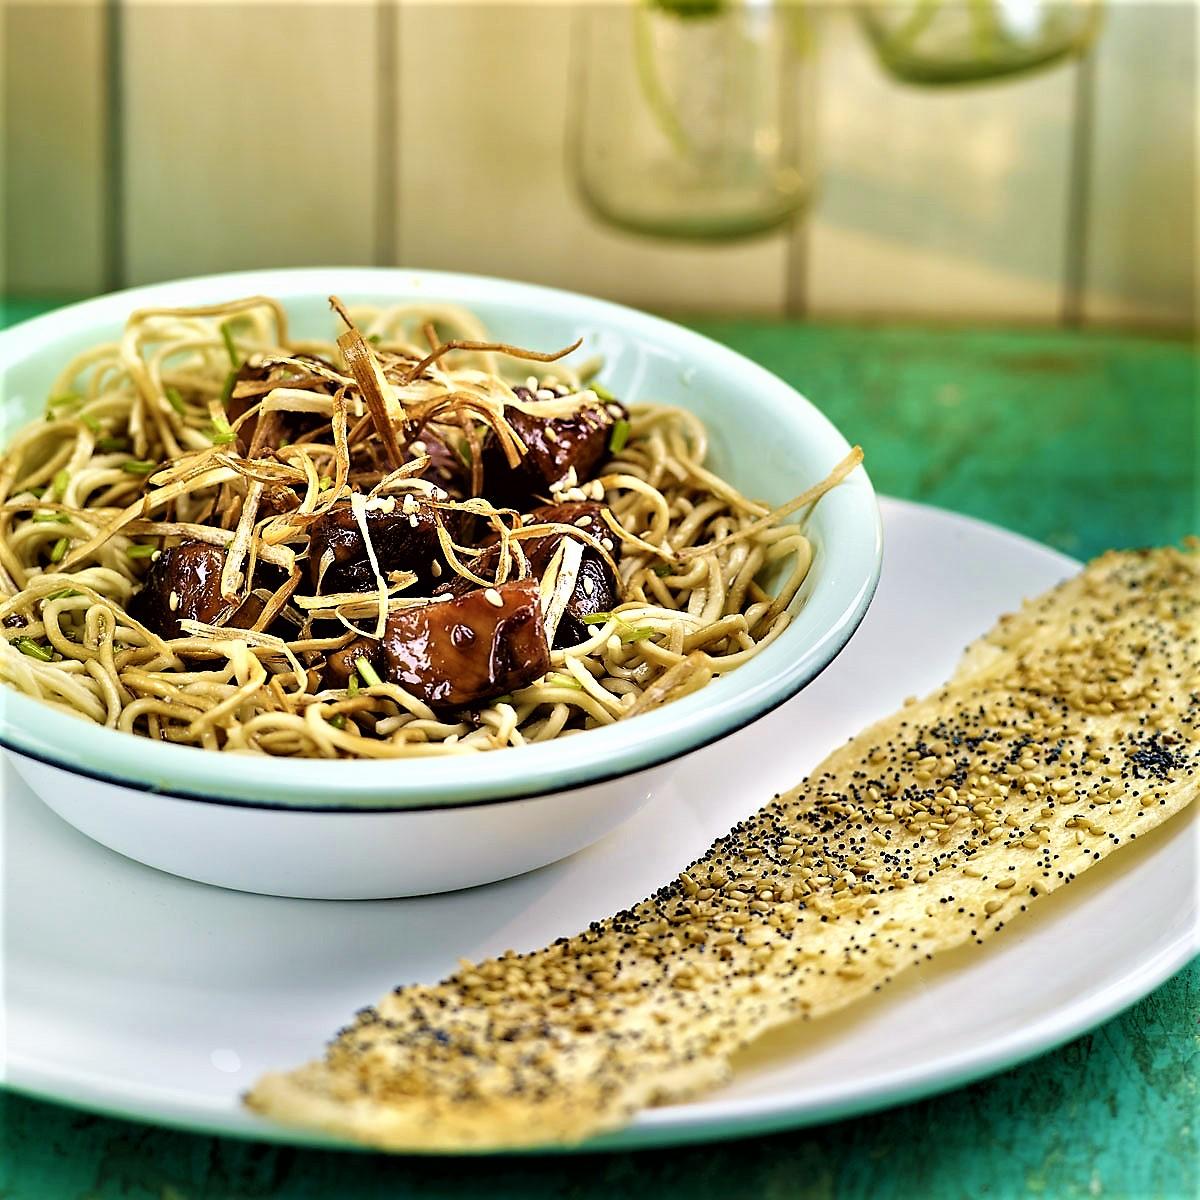 clase de cocina con wok escuela de cocina telva